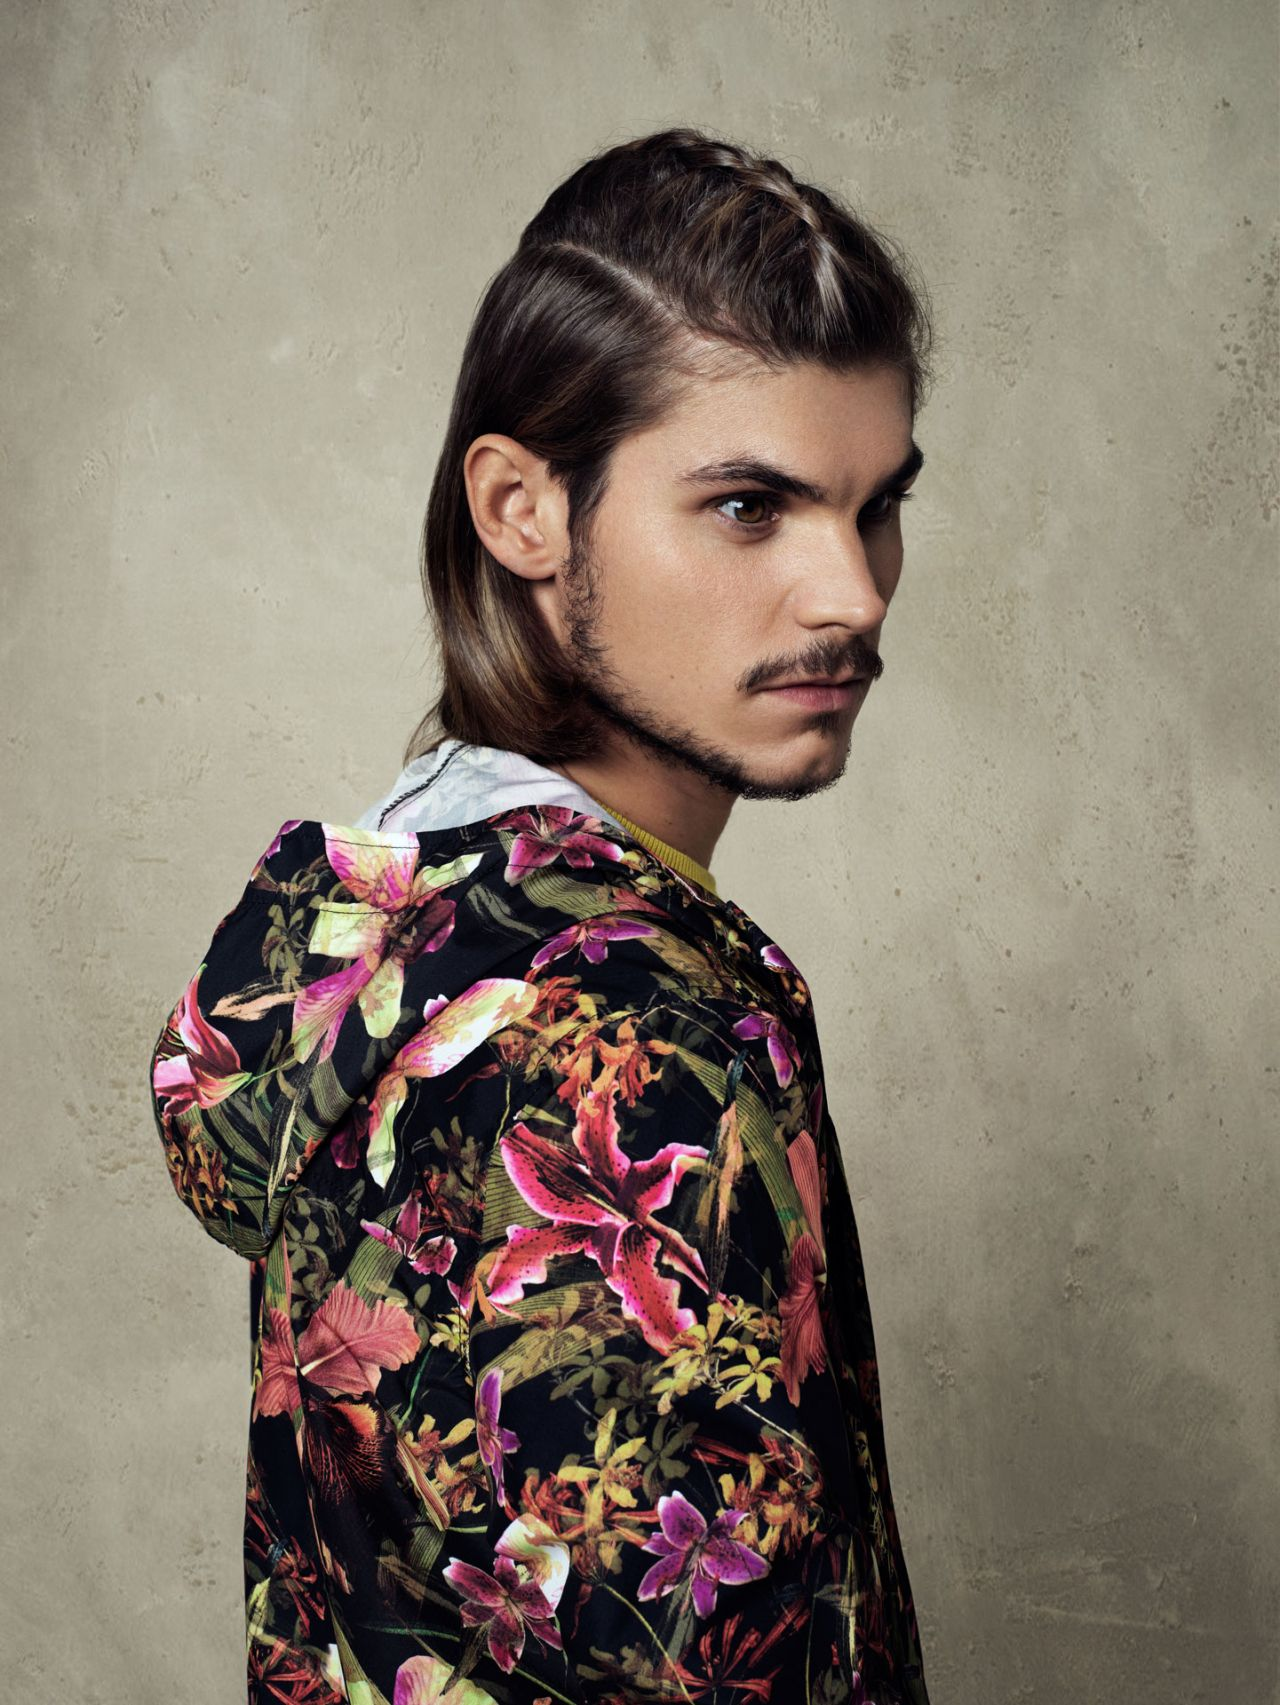 Frisuren trend sommer 2017 manner